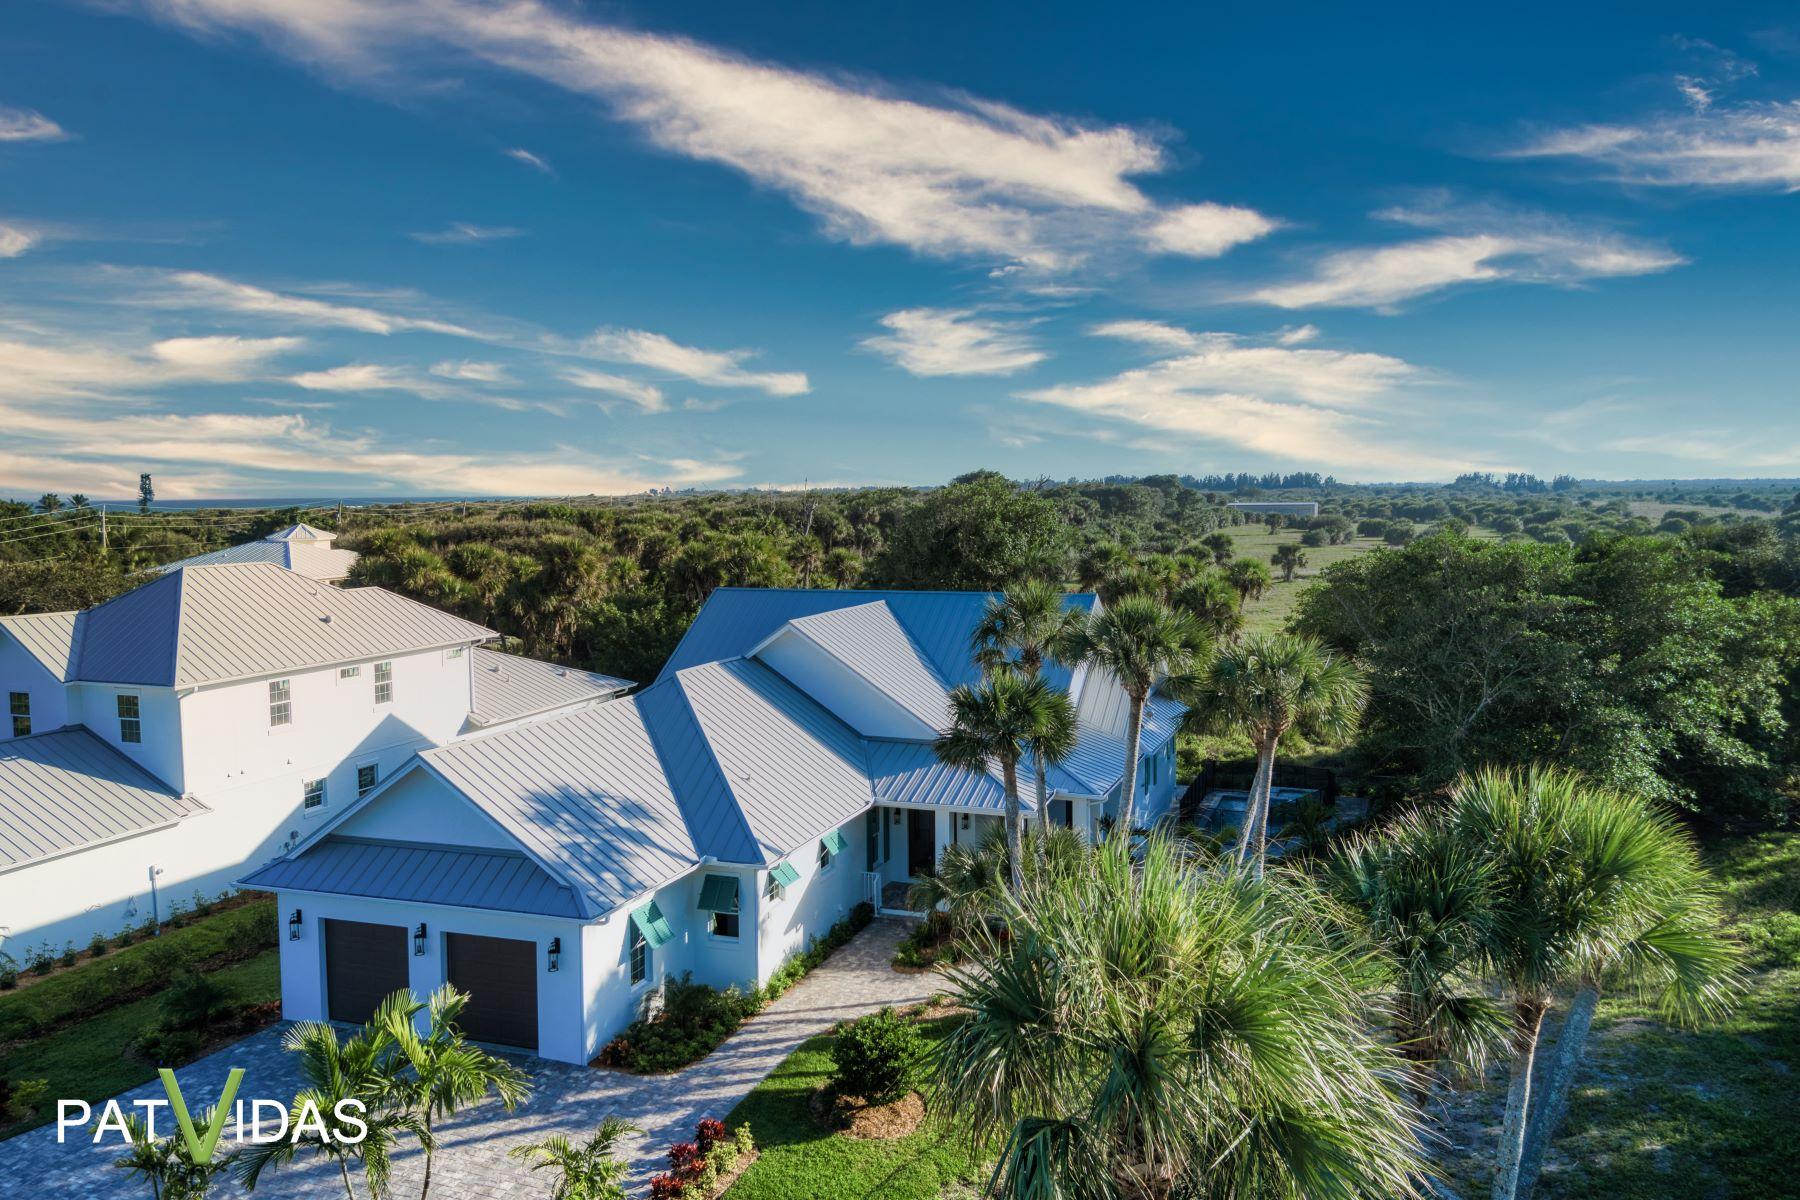 Stunning West Indies Style Home 11735 Brown Pelican Way Vero Beach, Florida 32963 Estados Unidos